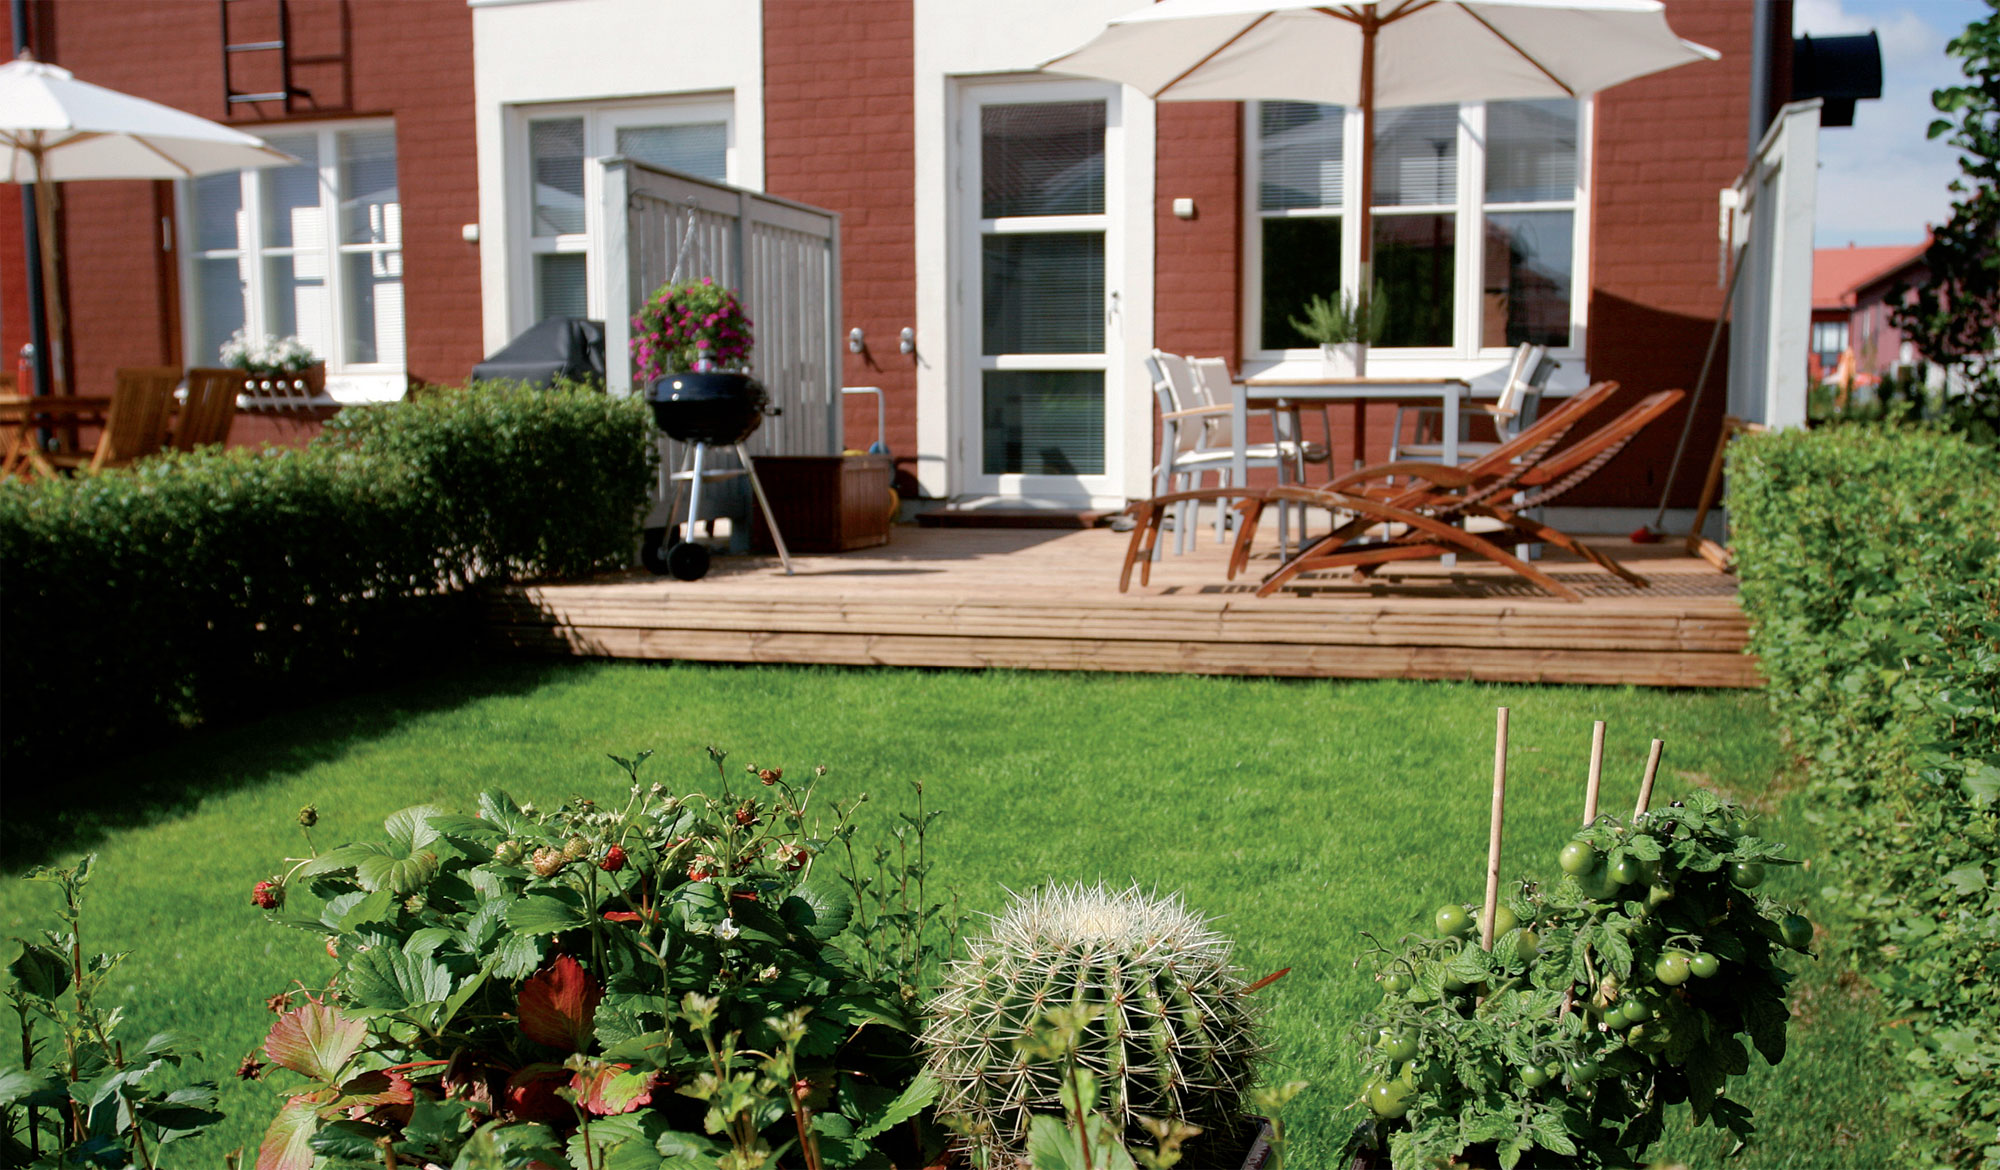 Pieneen tilaan mahtuu useita elementtejä: oleskelupatio, ruukkupuutarha koriste- ja hyötykasveineen sekä lattian virkaa toimittava tuuhea nurmikko.